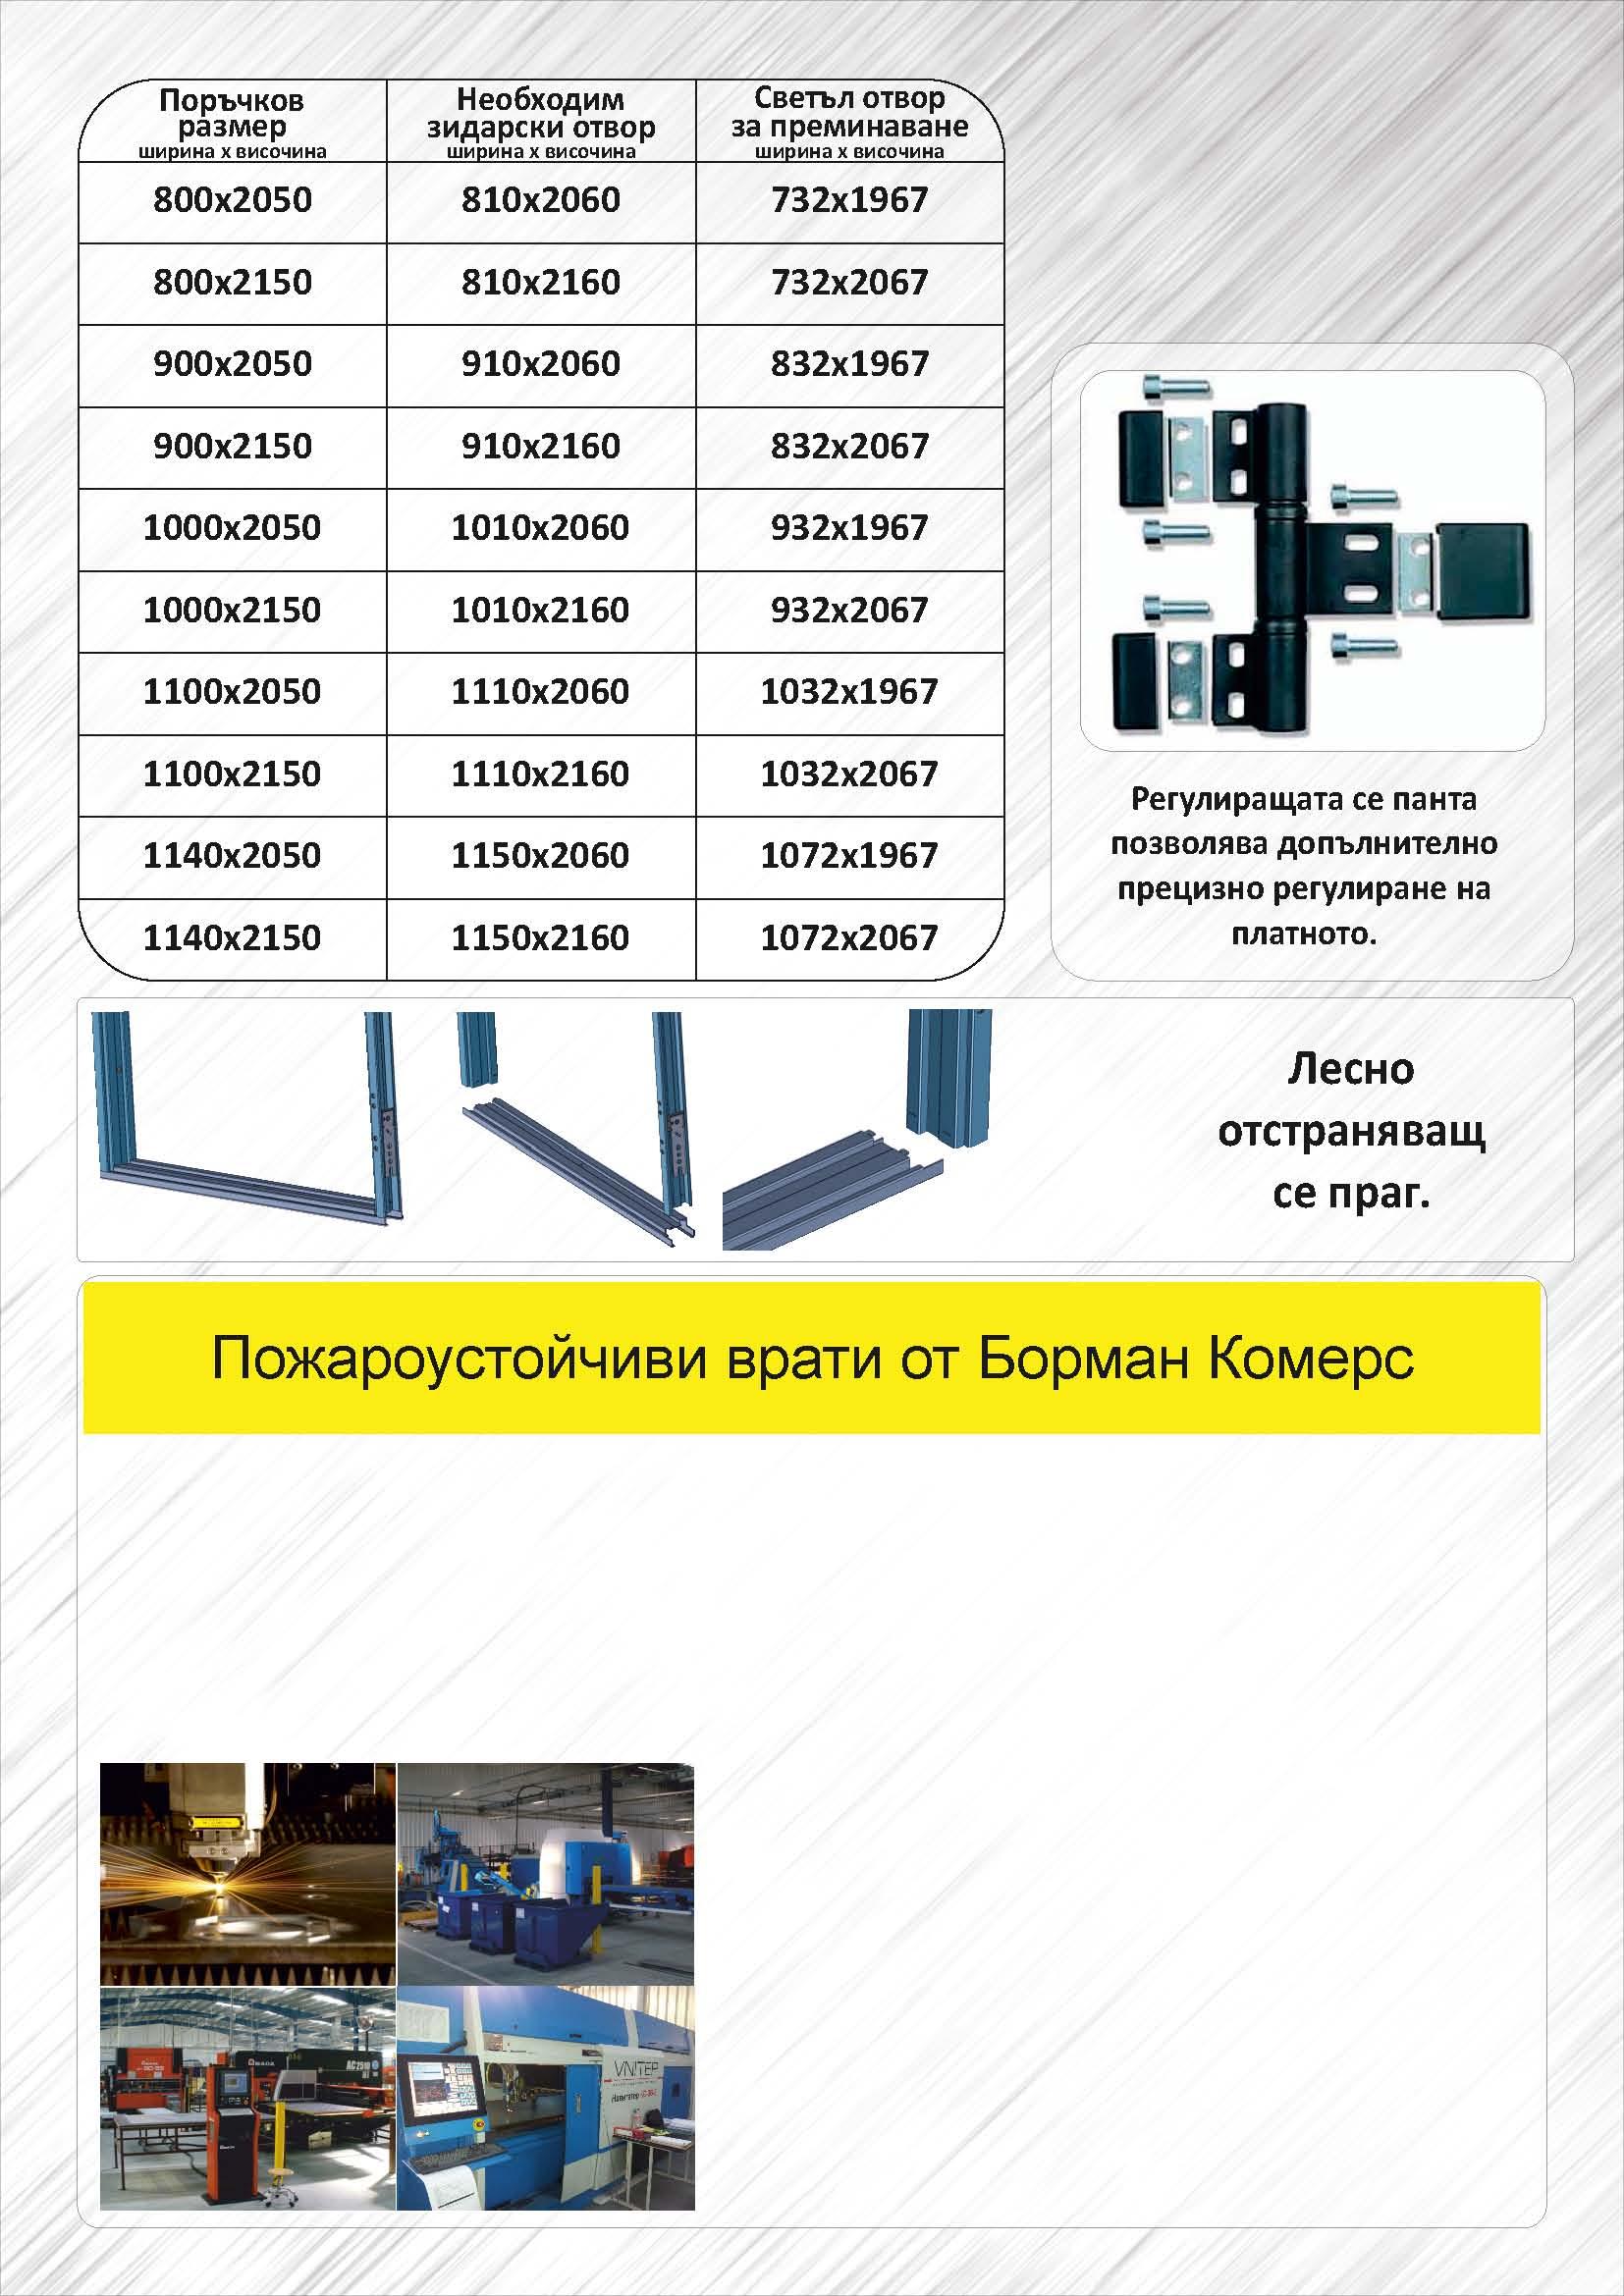 Pojaroustoichivi-vrati-Borman-2